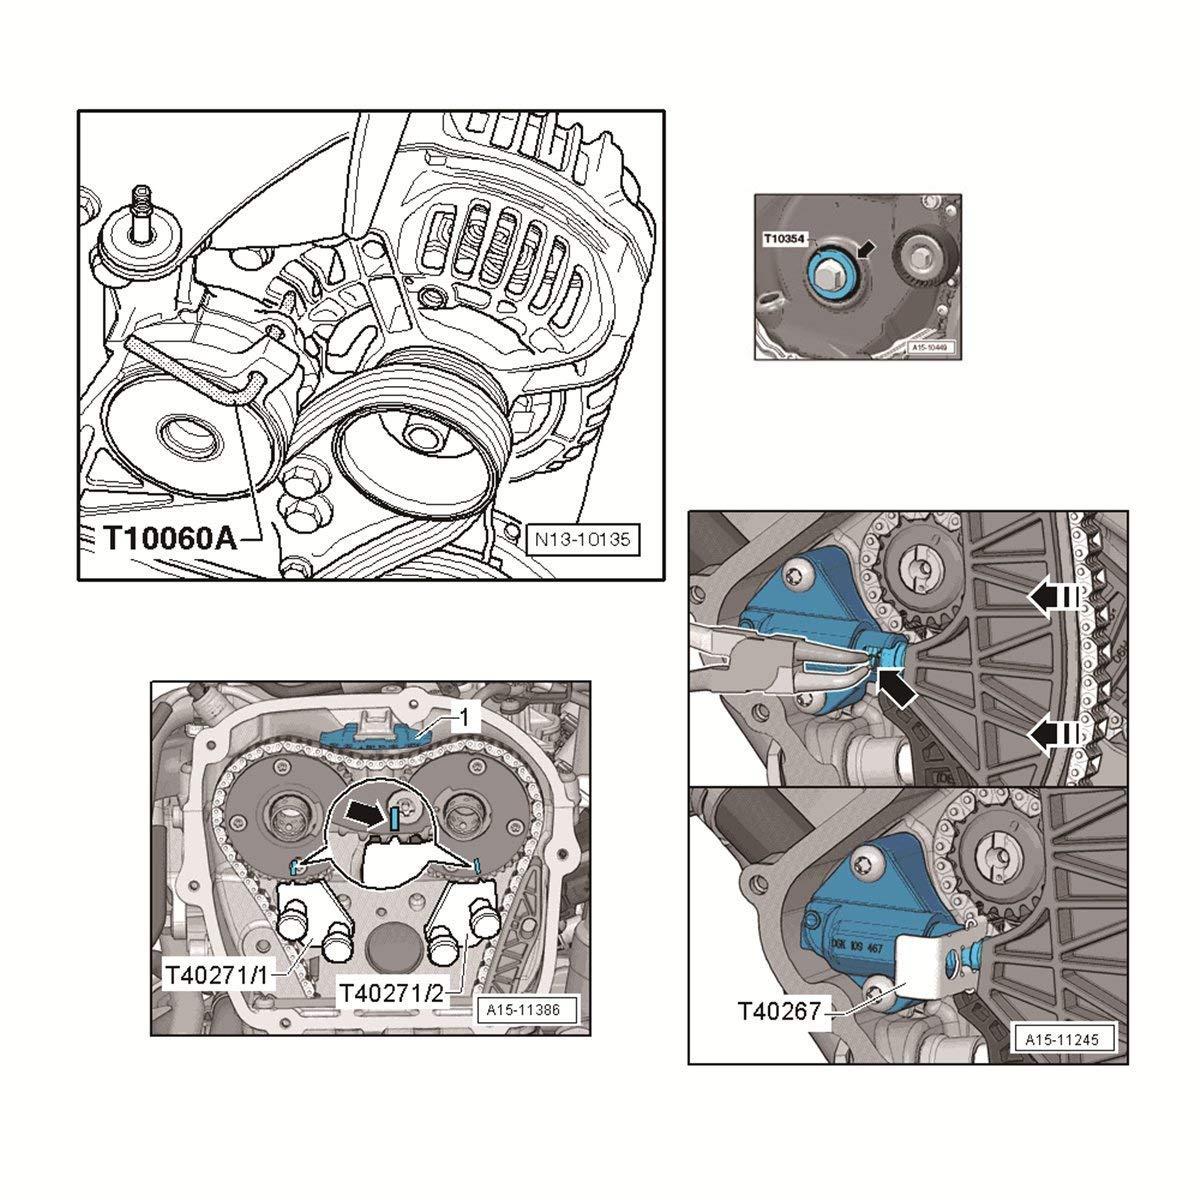 Conjunto de calado/reglaje para sincronización de vehículos VAG (AUDI, VOLKSWAGEN, SEAT Y SKODA) 1.8/2.0 TSI/TFSI: Amazon.es: Bricolaje y herramientas